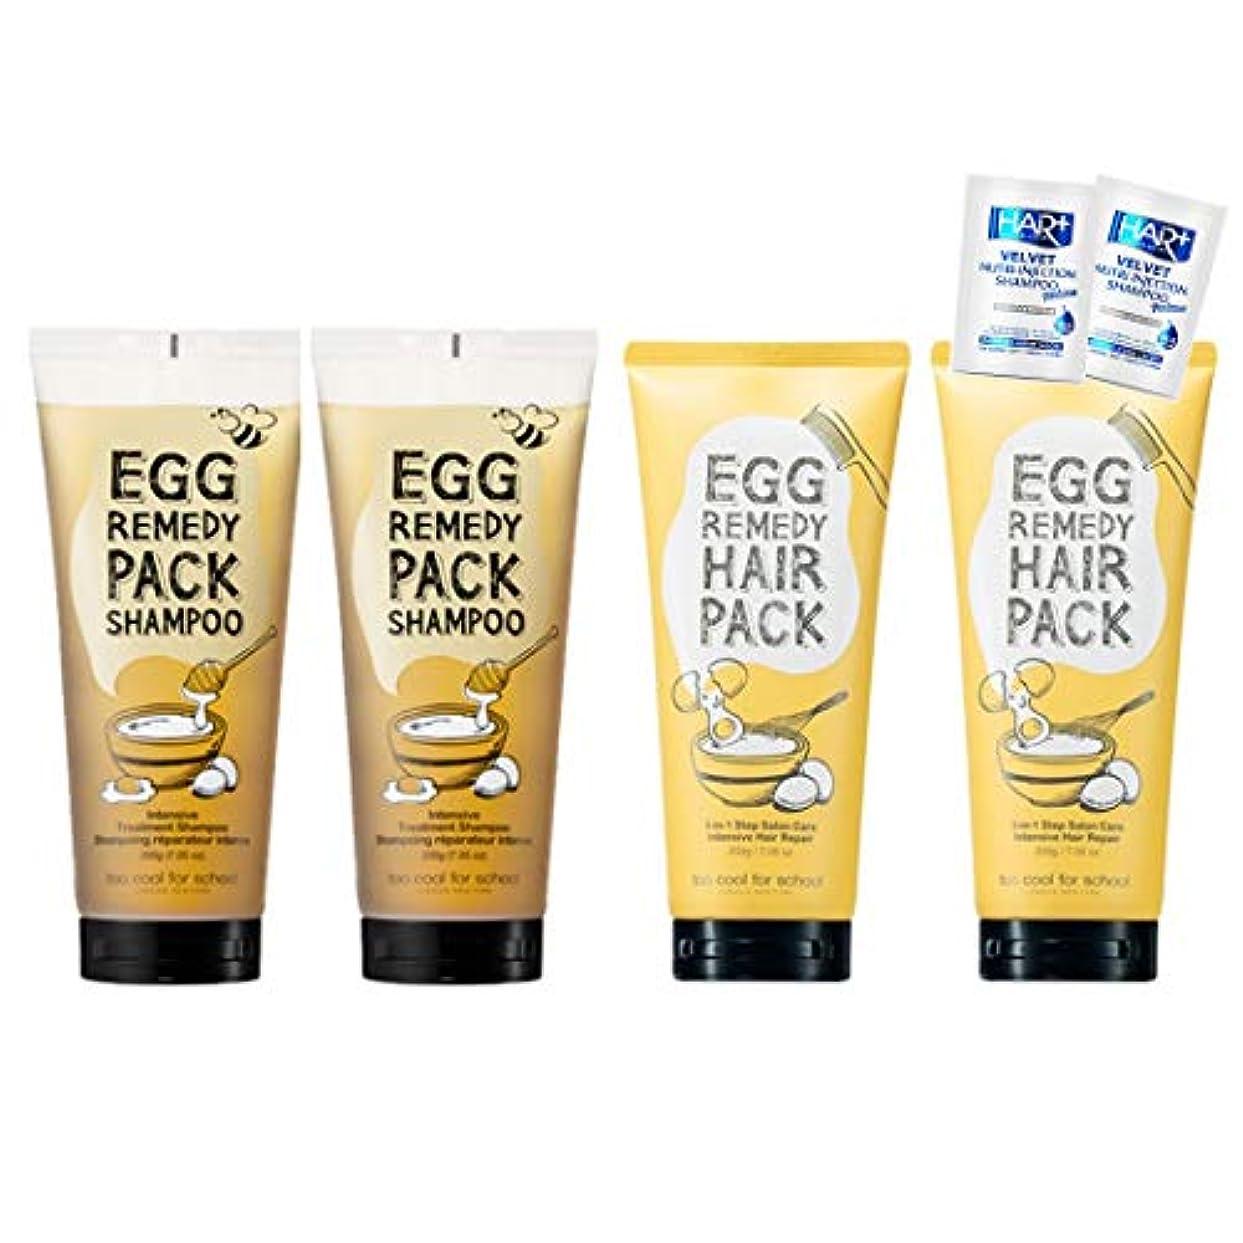 虐待うるさい同性愛者トゥークールフォ―スクール(too cool for school)/エッグレミディパックシャンプーtoo cool for school Egg Remedy Pack Shampoo 200ml X 2EA + エッグレミディヘアパック/ too cool for school Egg Remedy Hair Pack 200ML X 2EA[並行輸入品]+non silicon shampoo 8ml